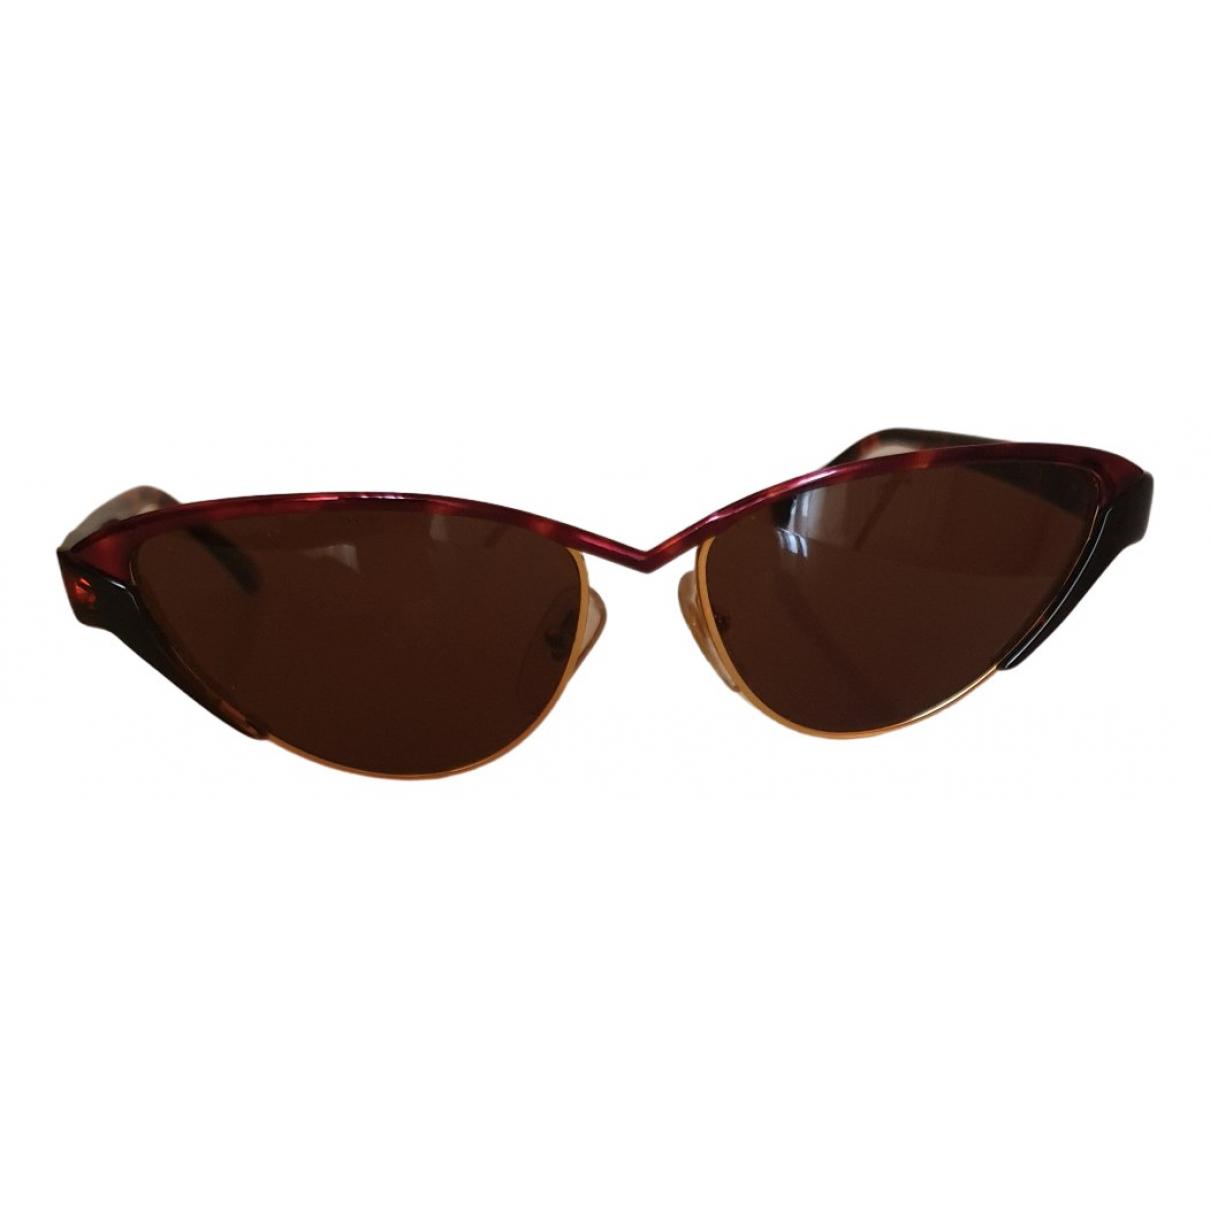 Gafas Missoni